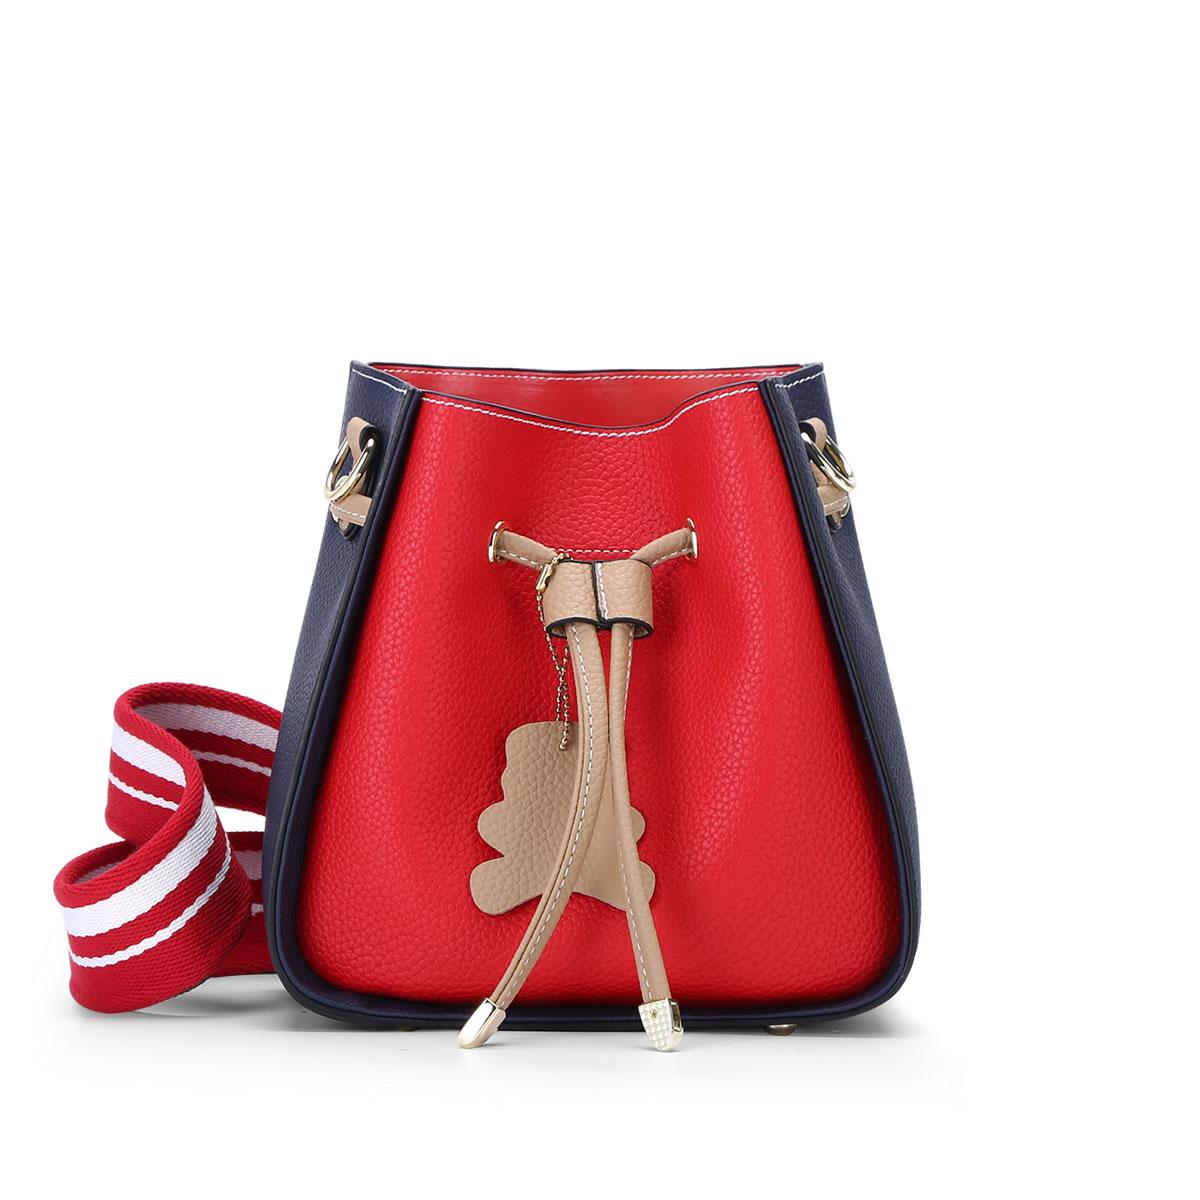 上新仙女单肩包手提两件套撞色多用宽肩带水桶包拼色斜挎包小包包